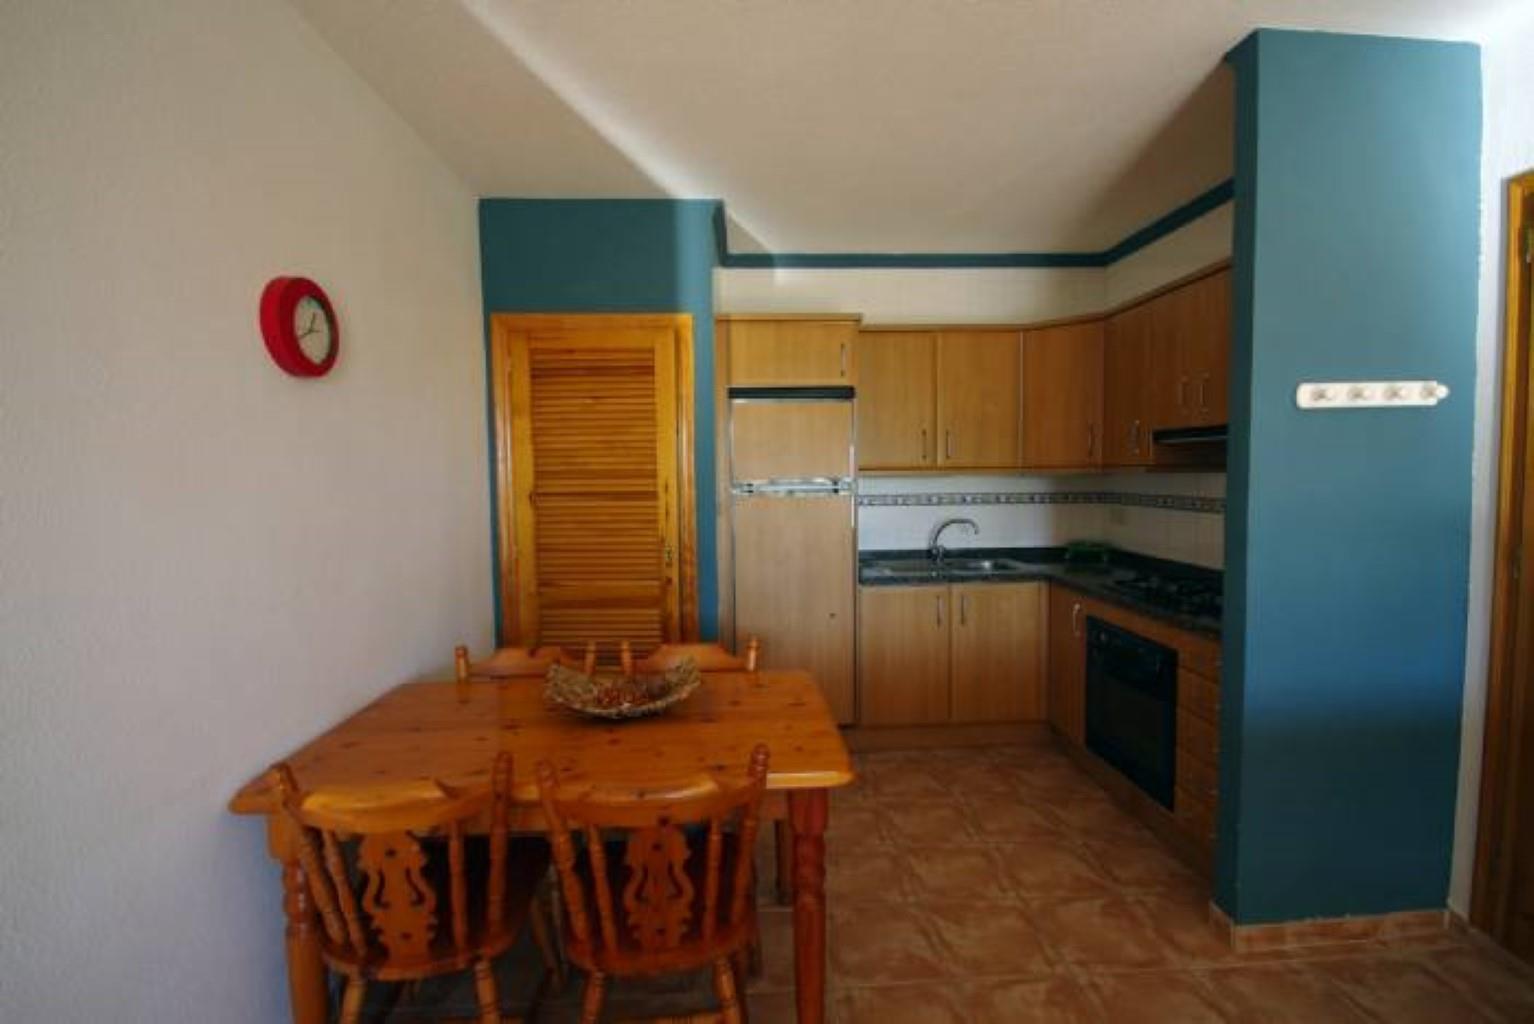 Appartement - Benitachell - #2196905-4